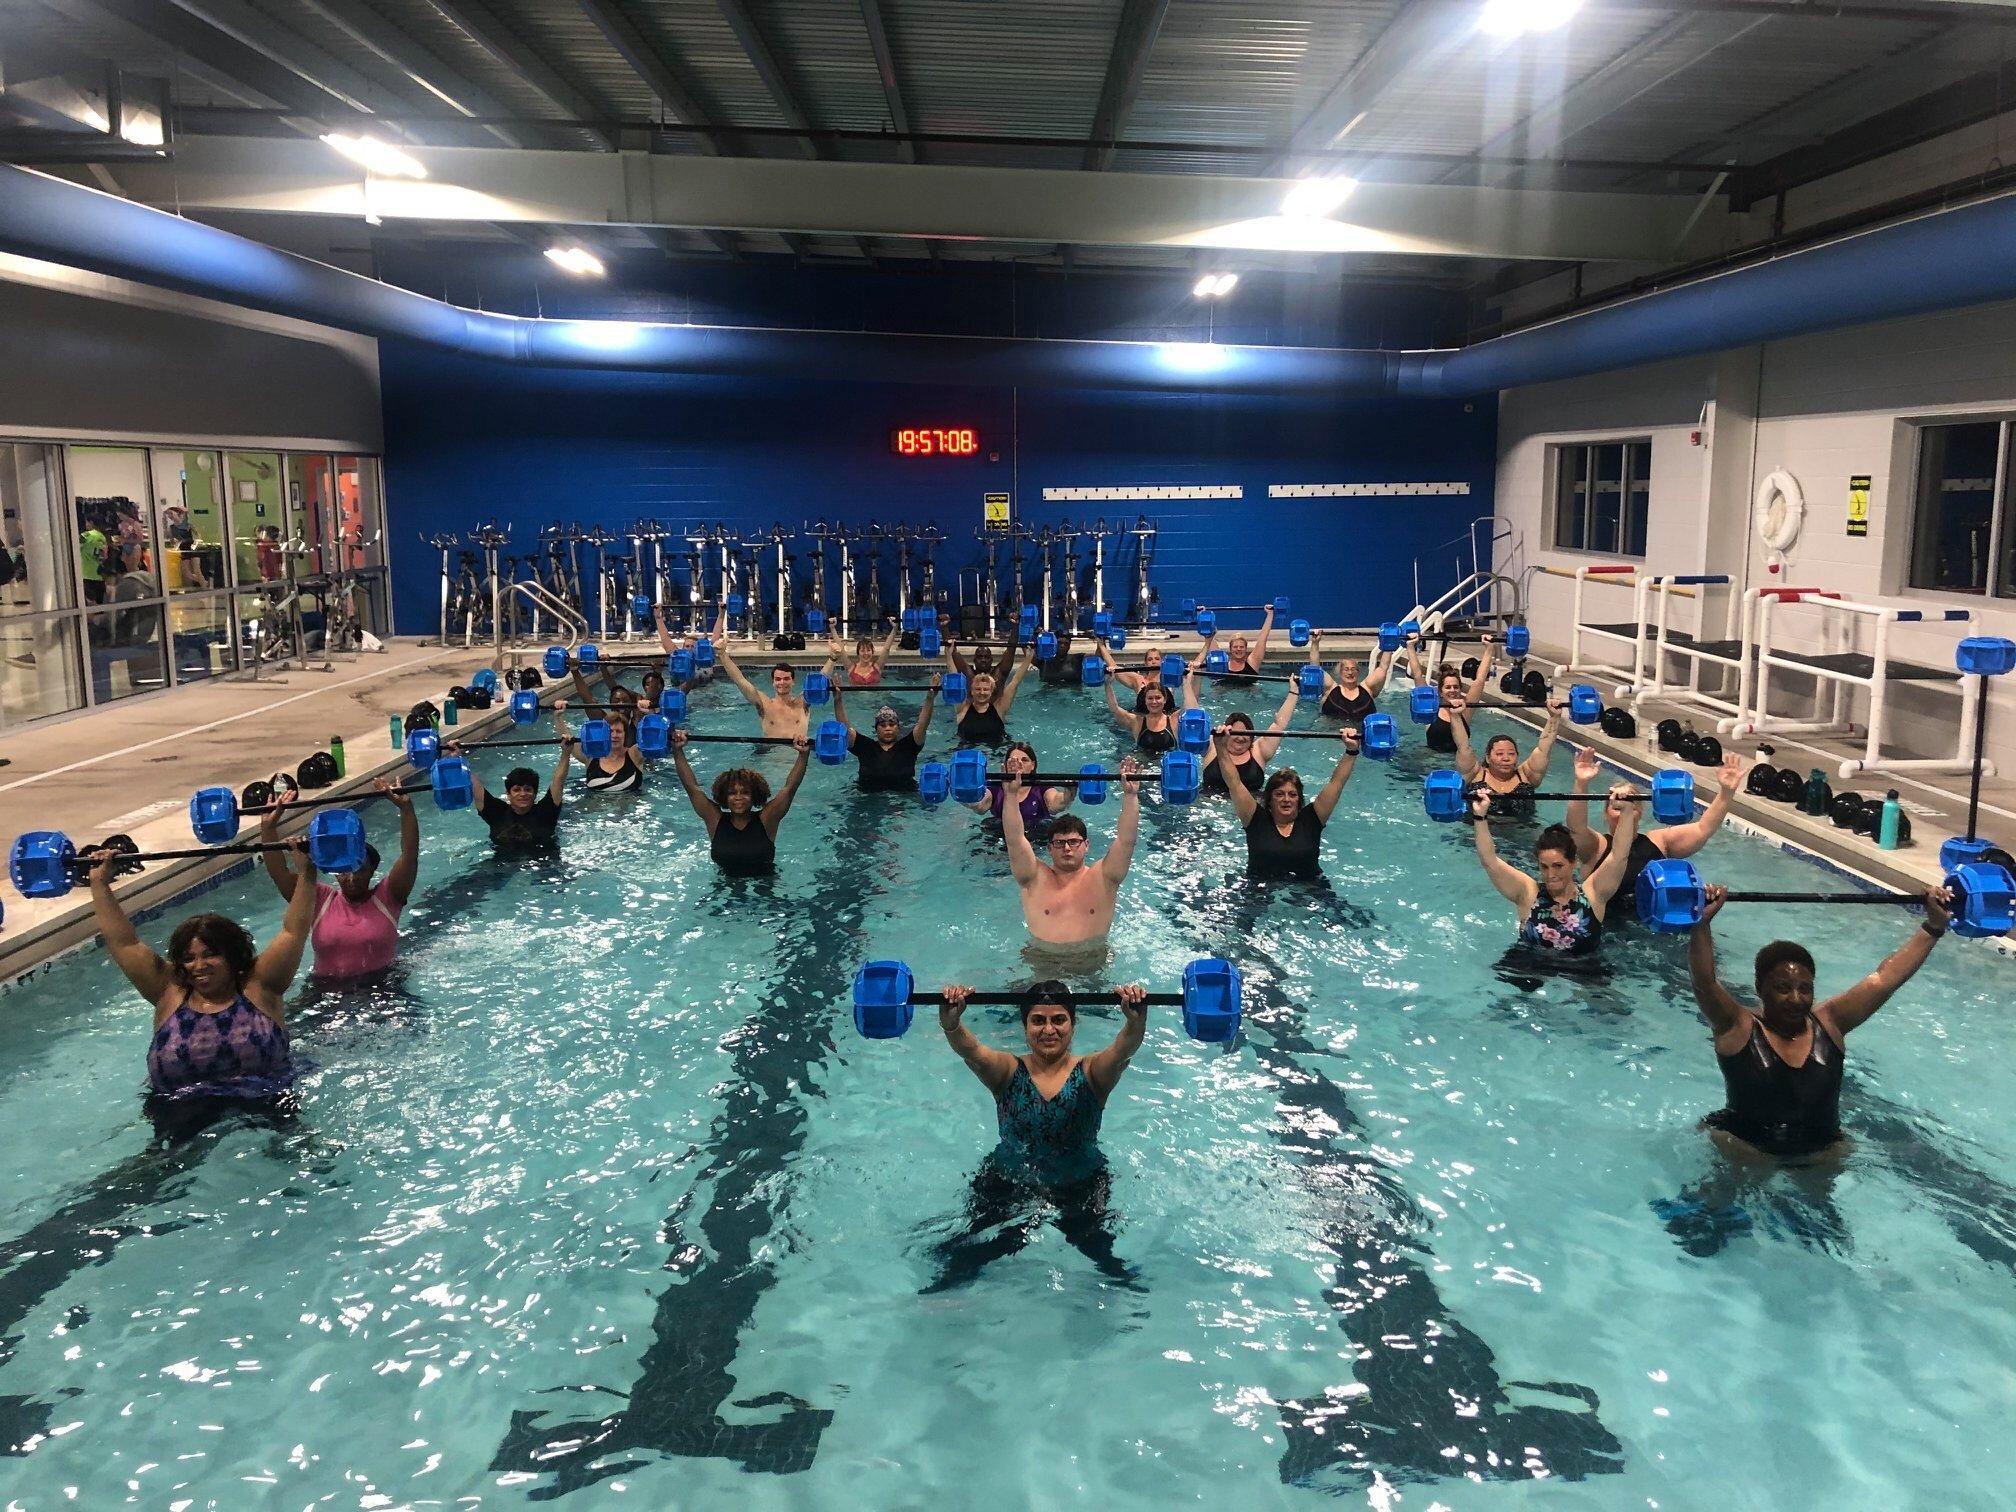 Aquatics Fitness Center Monroe Nj Aquatic Performance